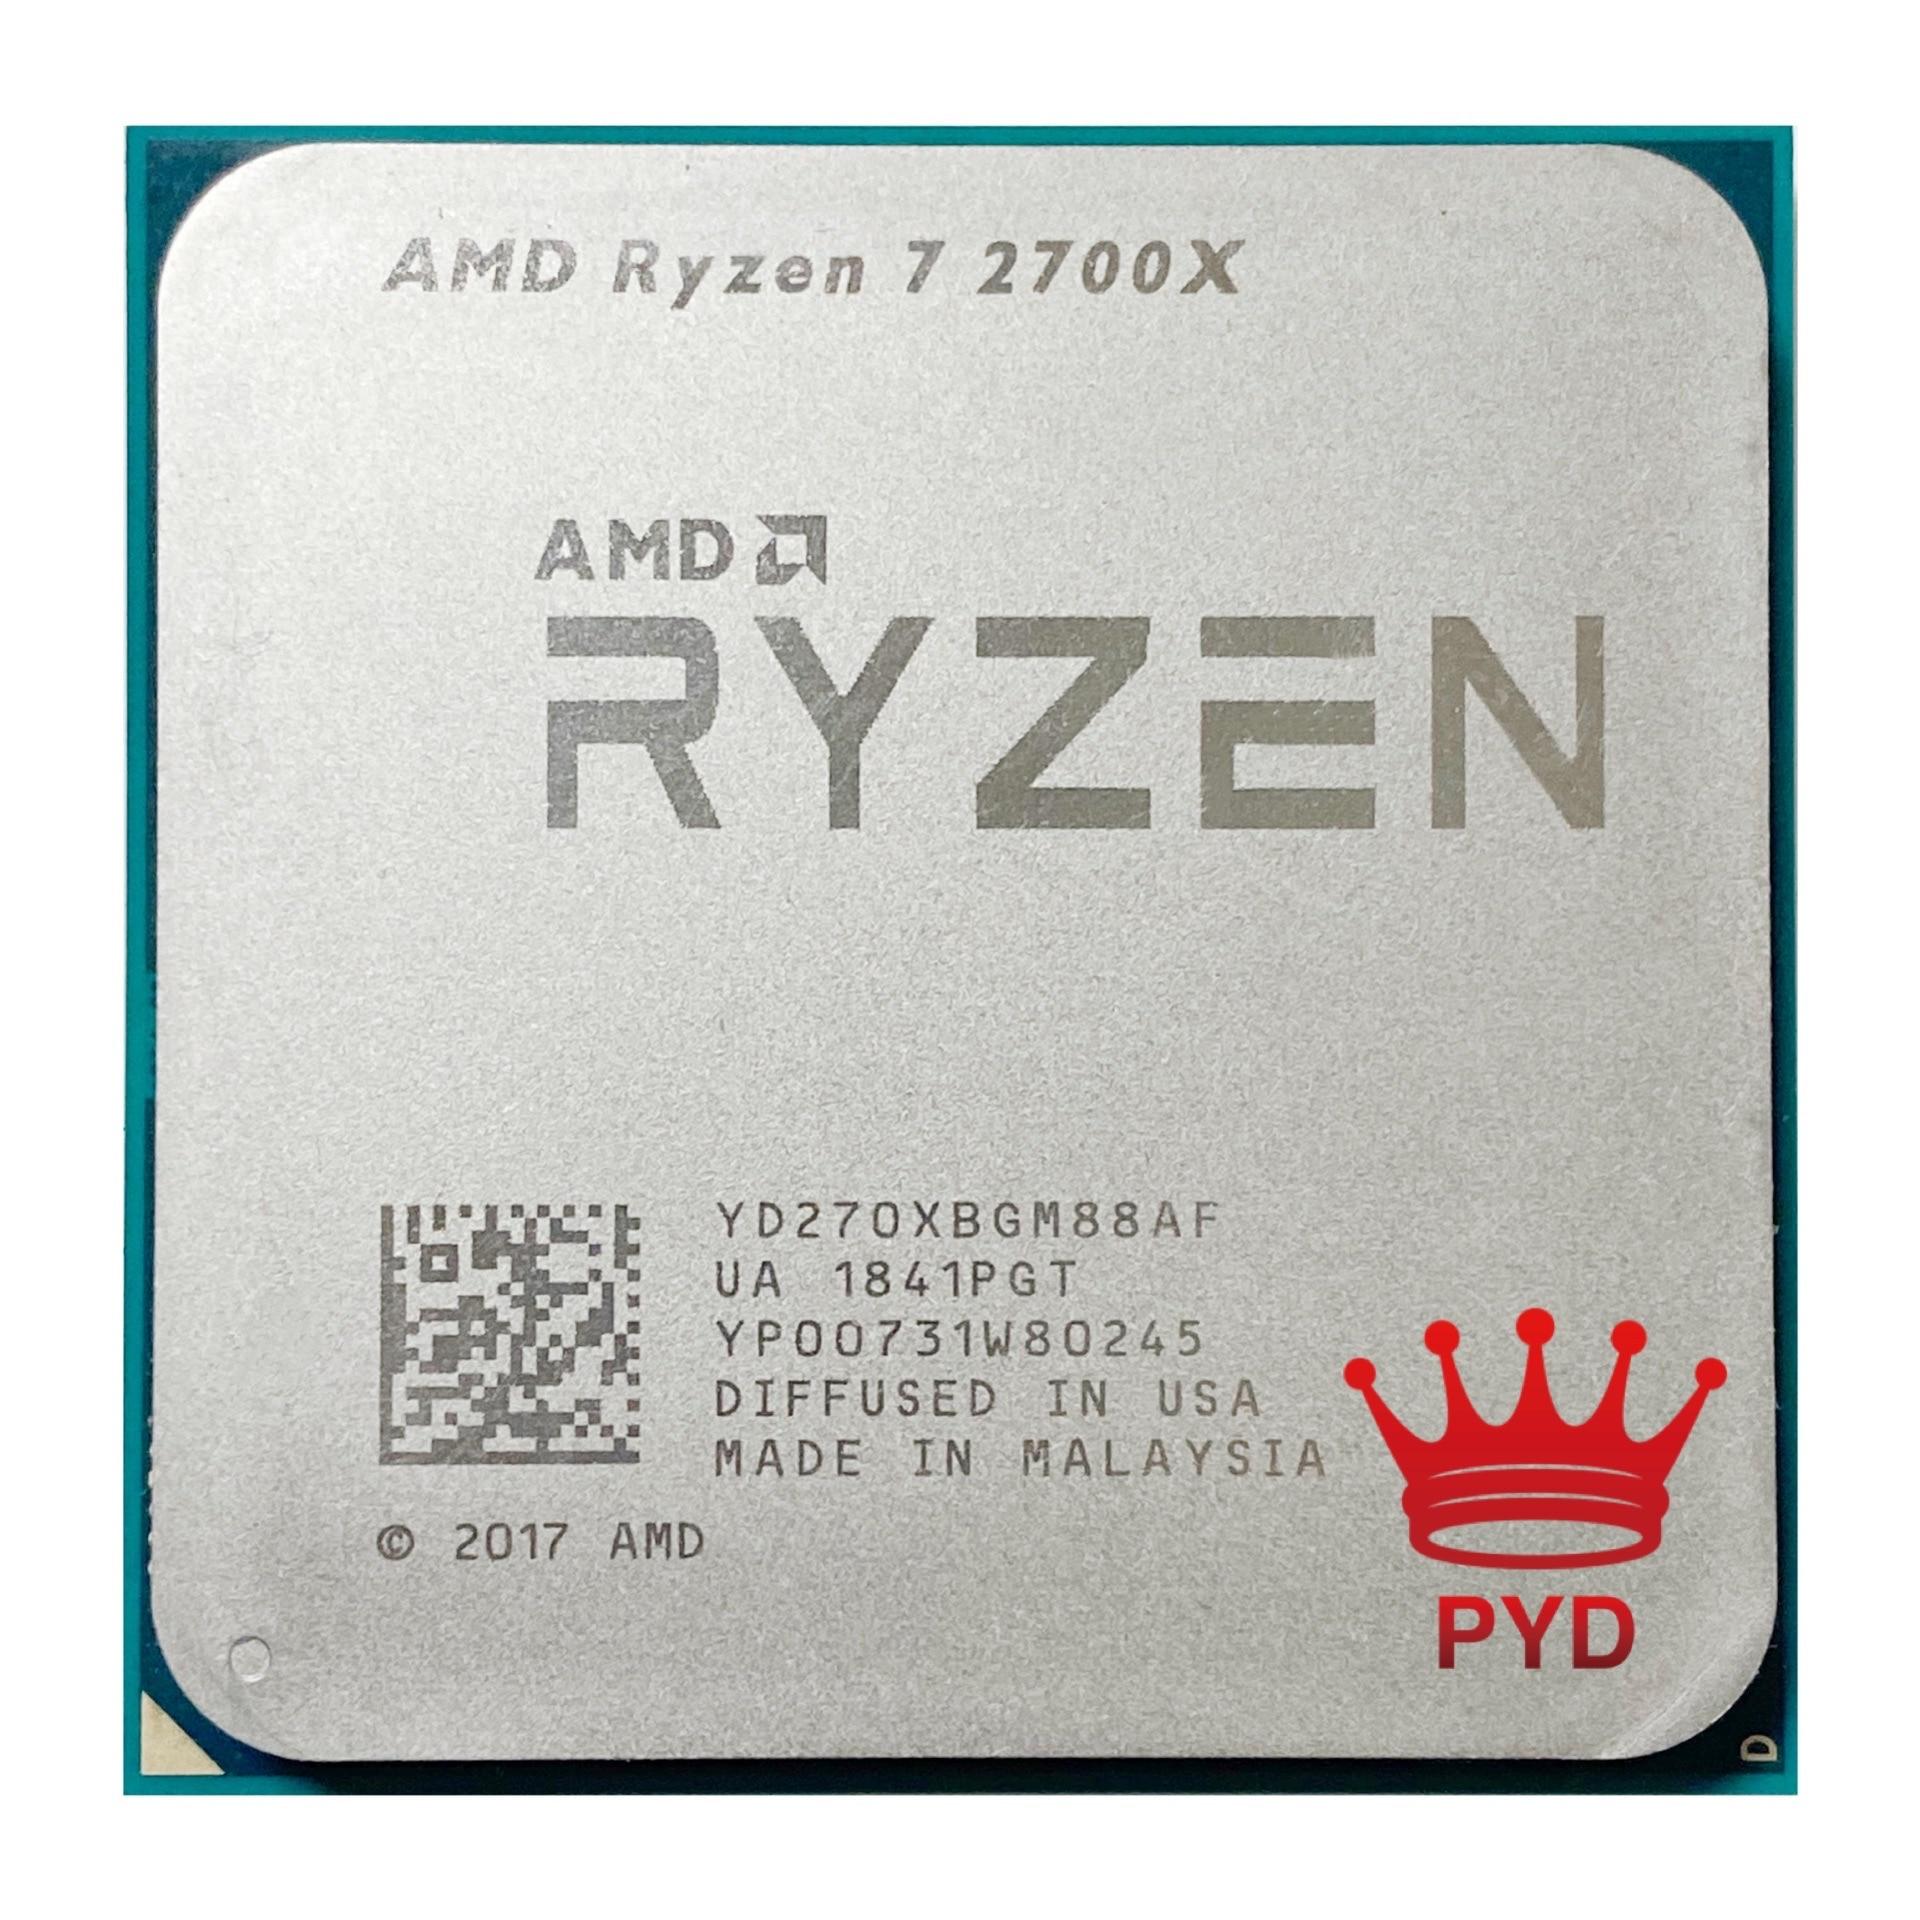 [해외] AMD RYZEN 7 CPU 프로세서 2700X R7 3.7GHZ 에잇 코어 식스틴 스레드 6M 05W 소켓 - AMD RYZEN 7 CPU 프로세서